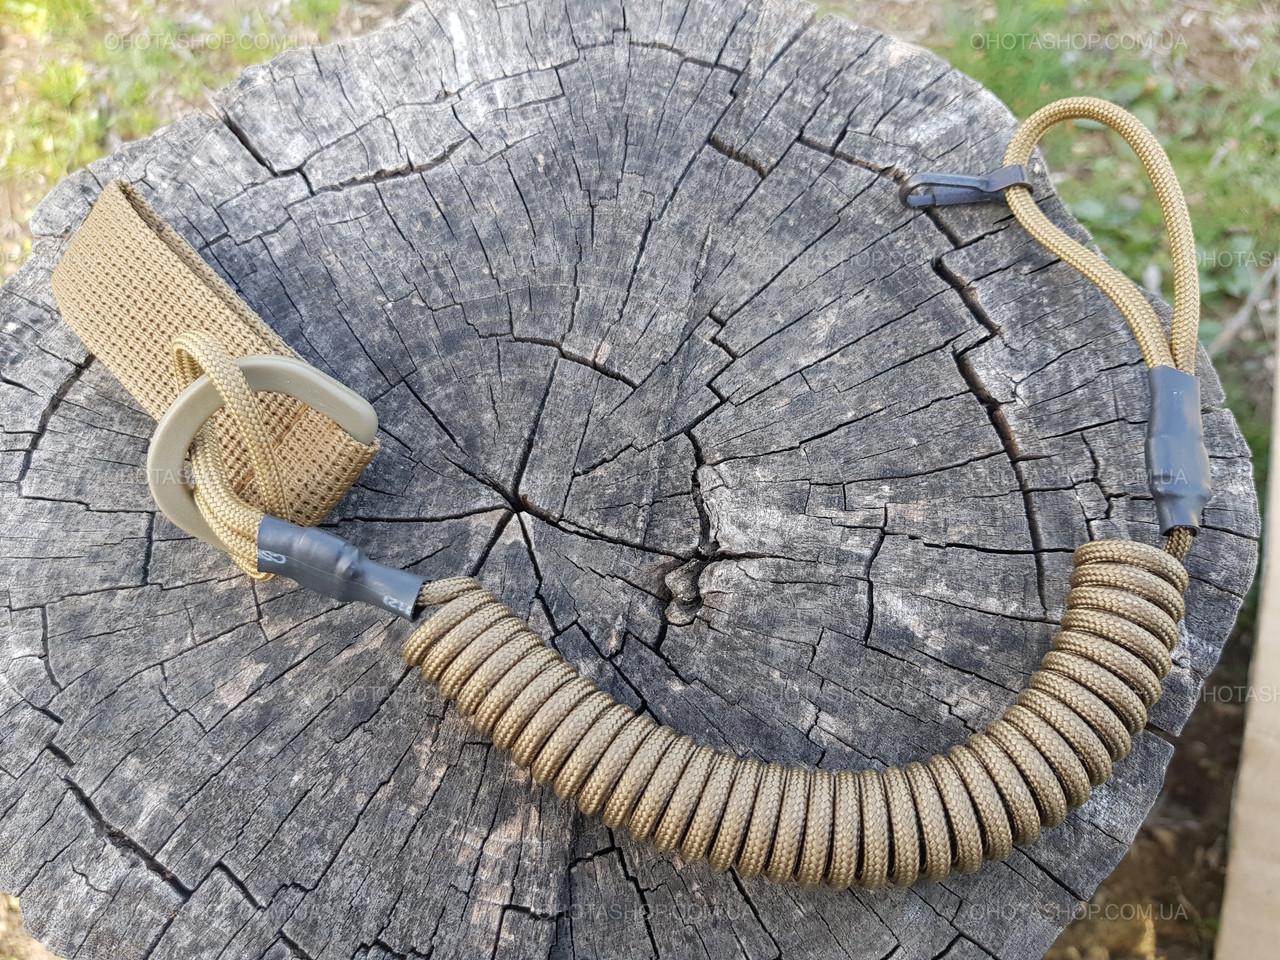 Шнур страховочный витой Тренчик-Карабин (паракорд, Койот)